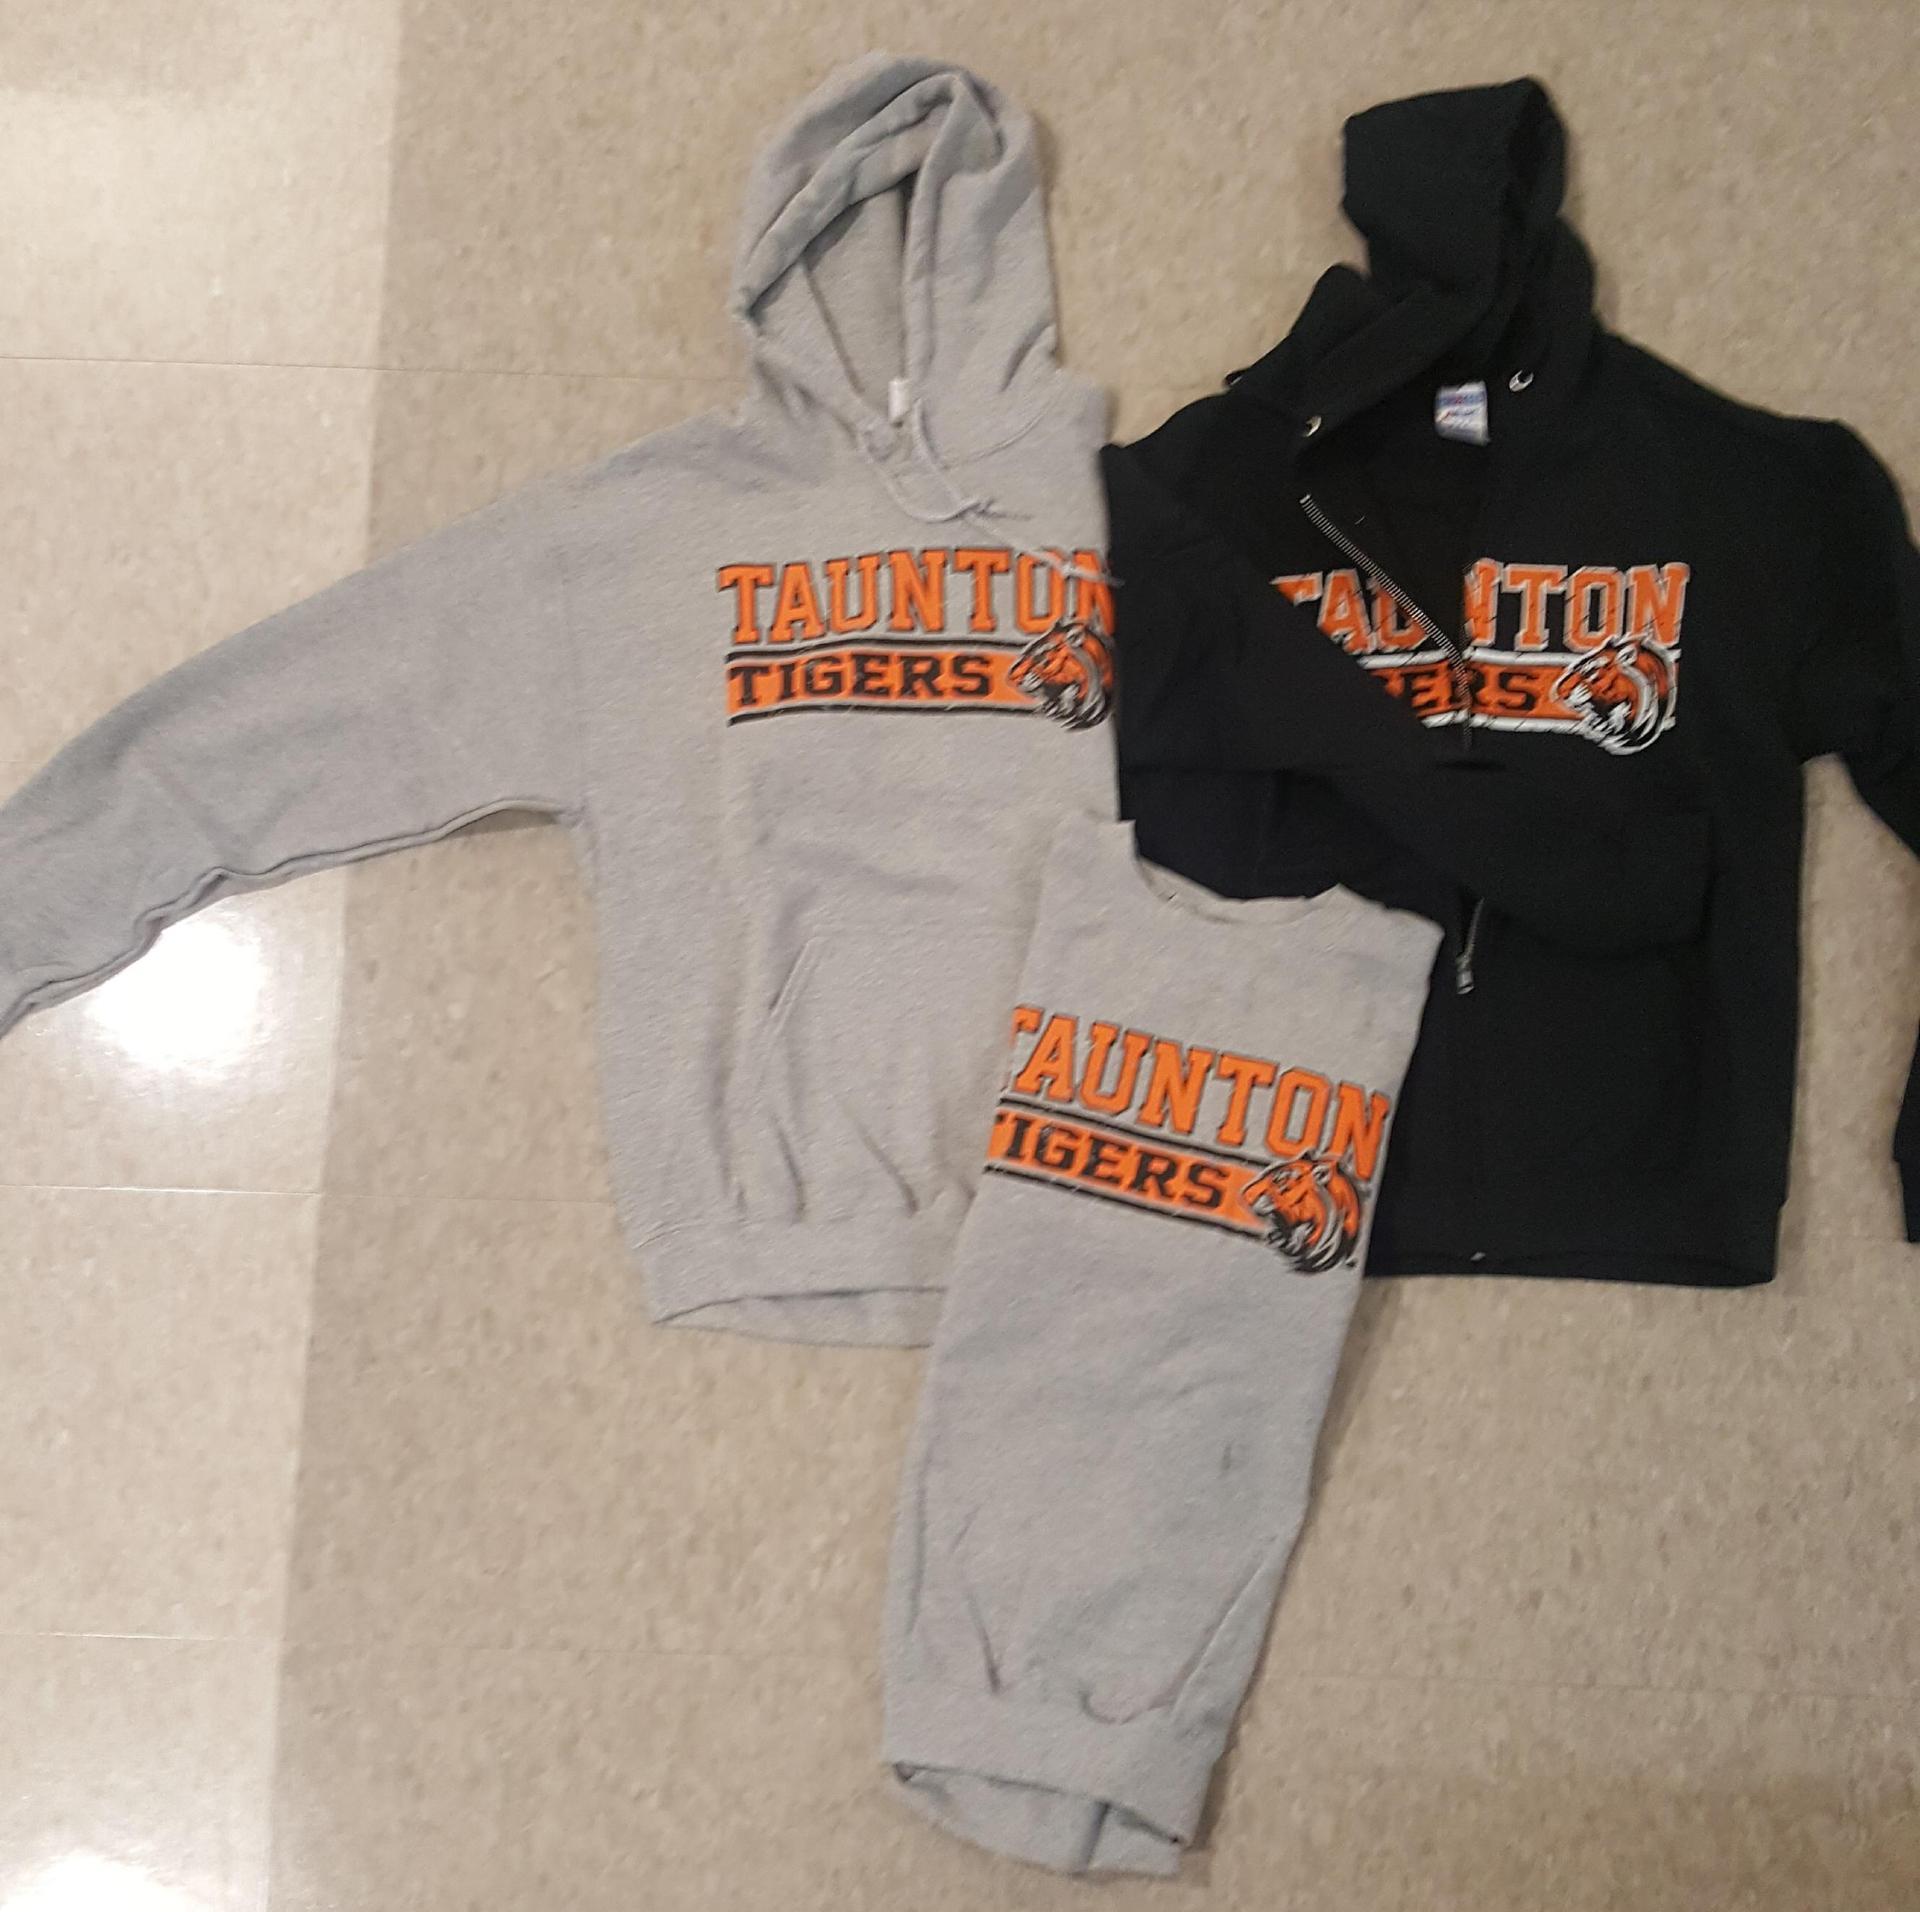 Gikdan  hoodie Crew Full zip hoodie Grey  Black Sm-xl 28.00 each